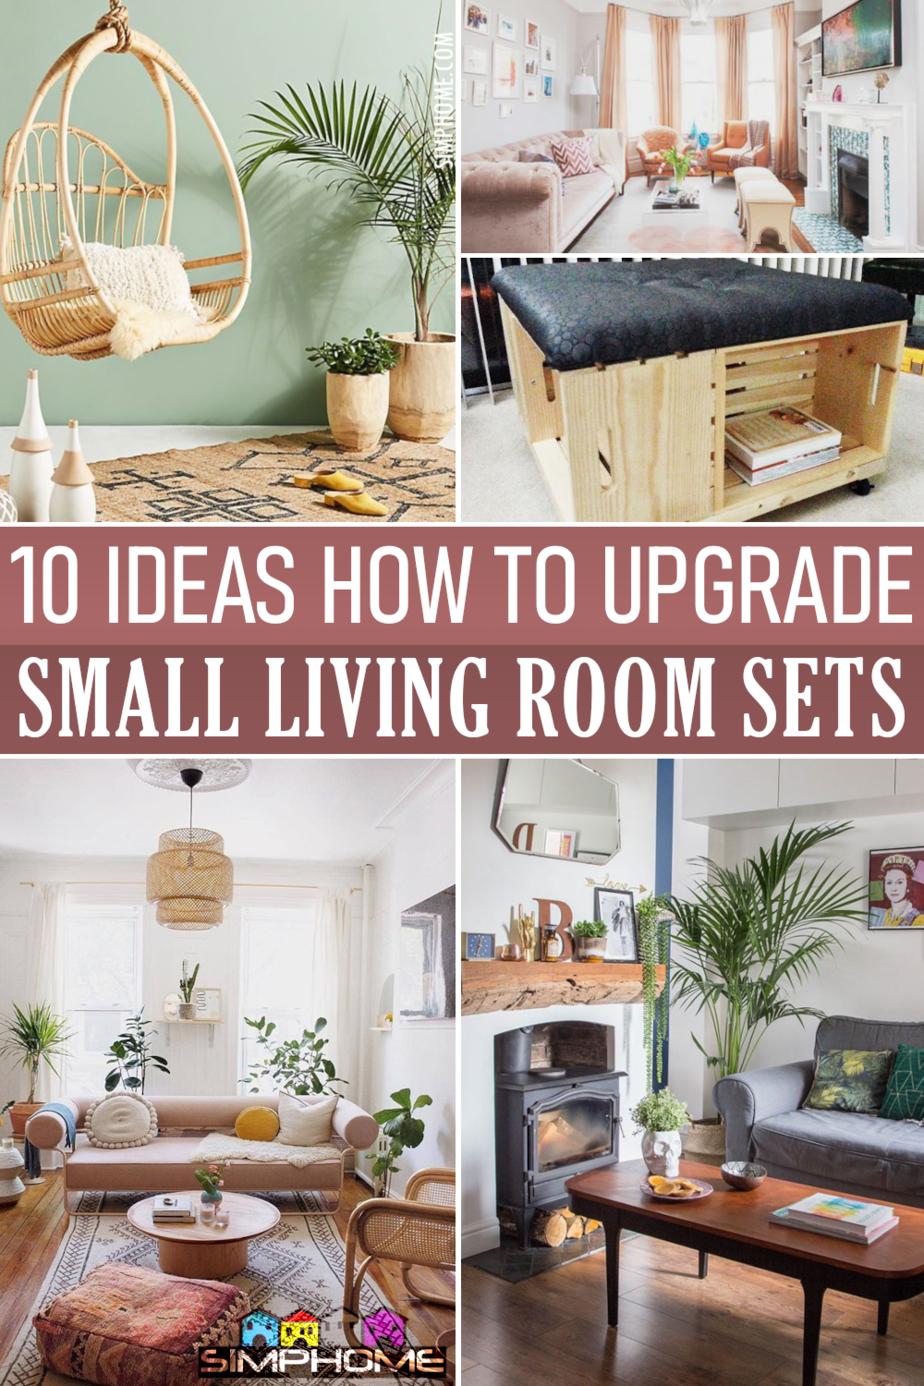 10 Ideas How To Upgrade and Improve Small Living Room Featured via Simphome.com